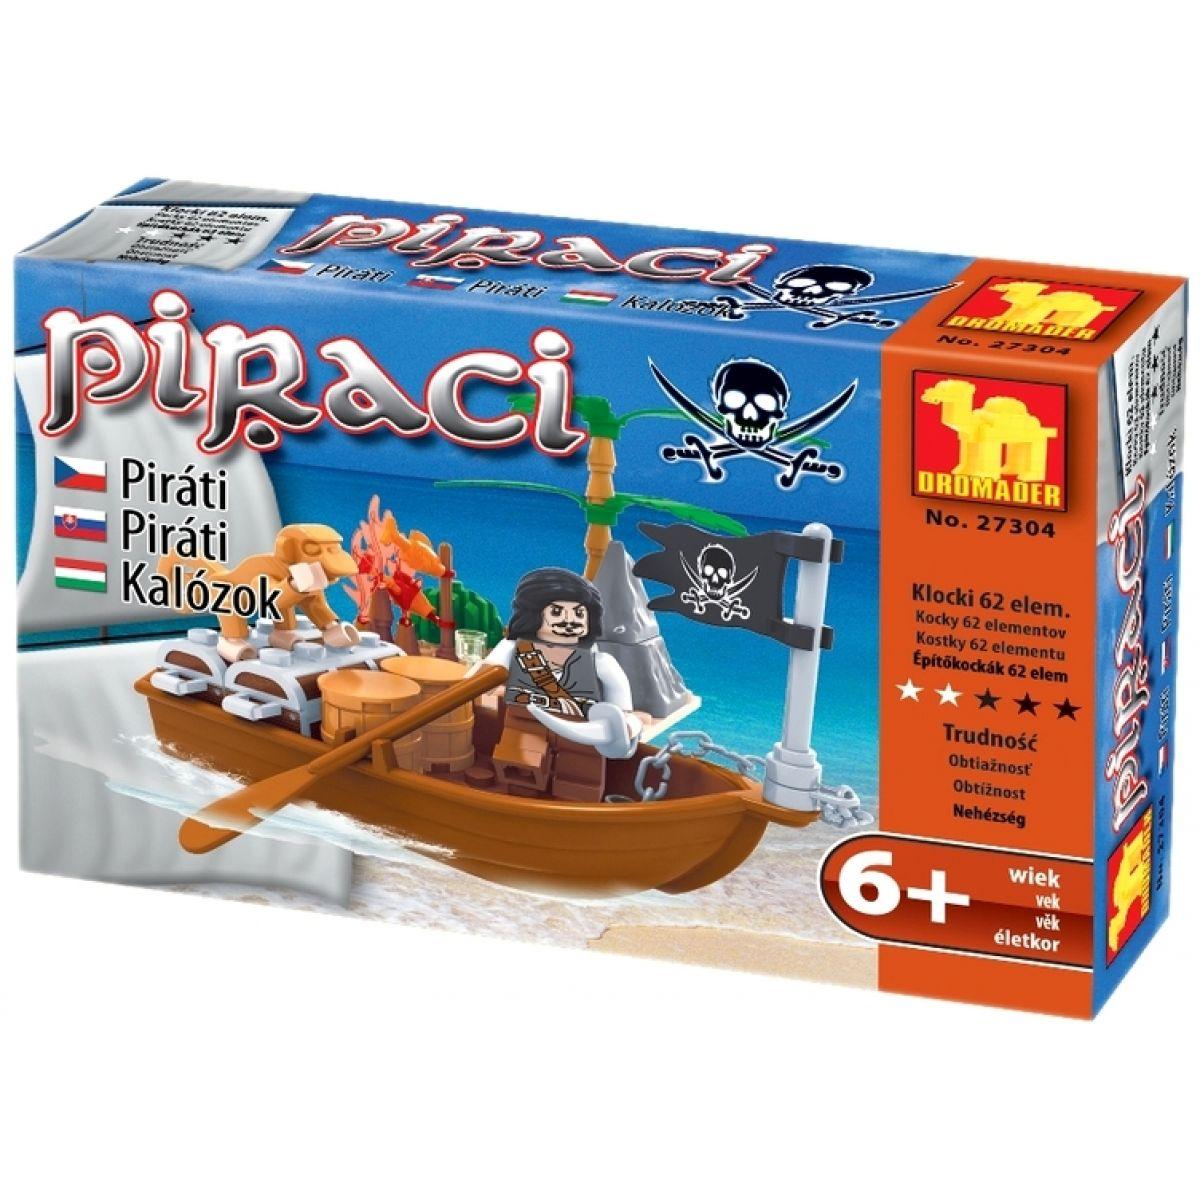 Stavebnice Dromader 27304 Piráti 62ks